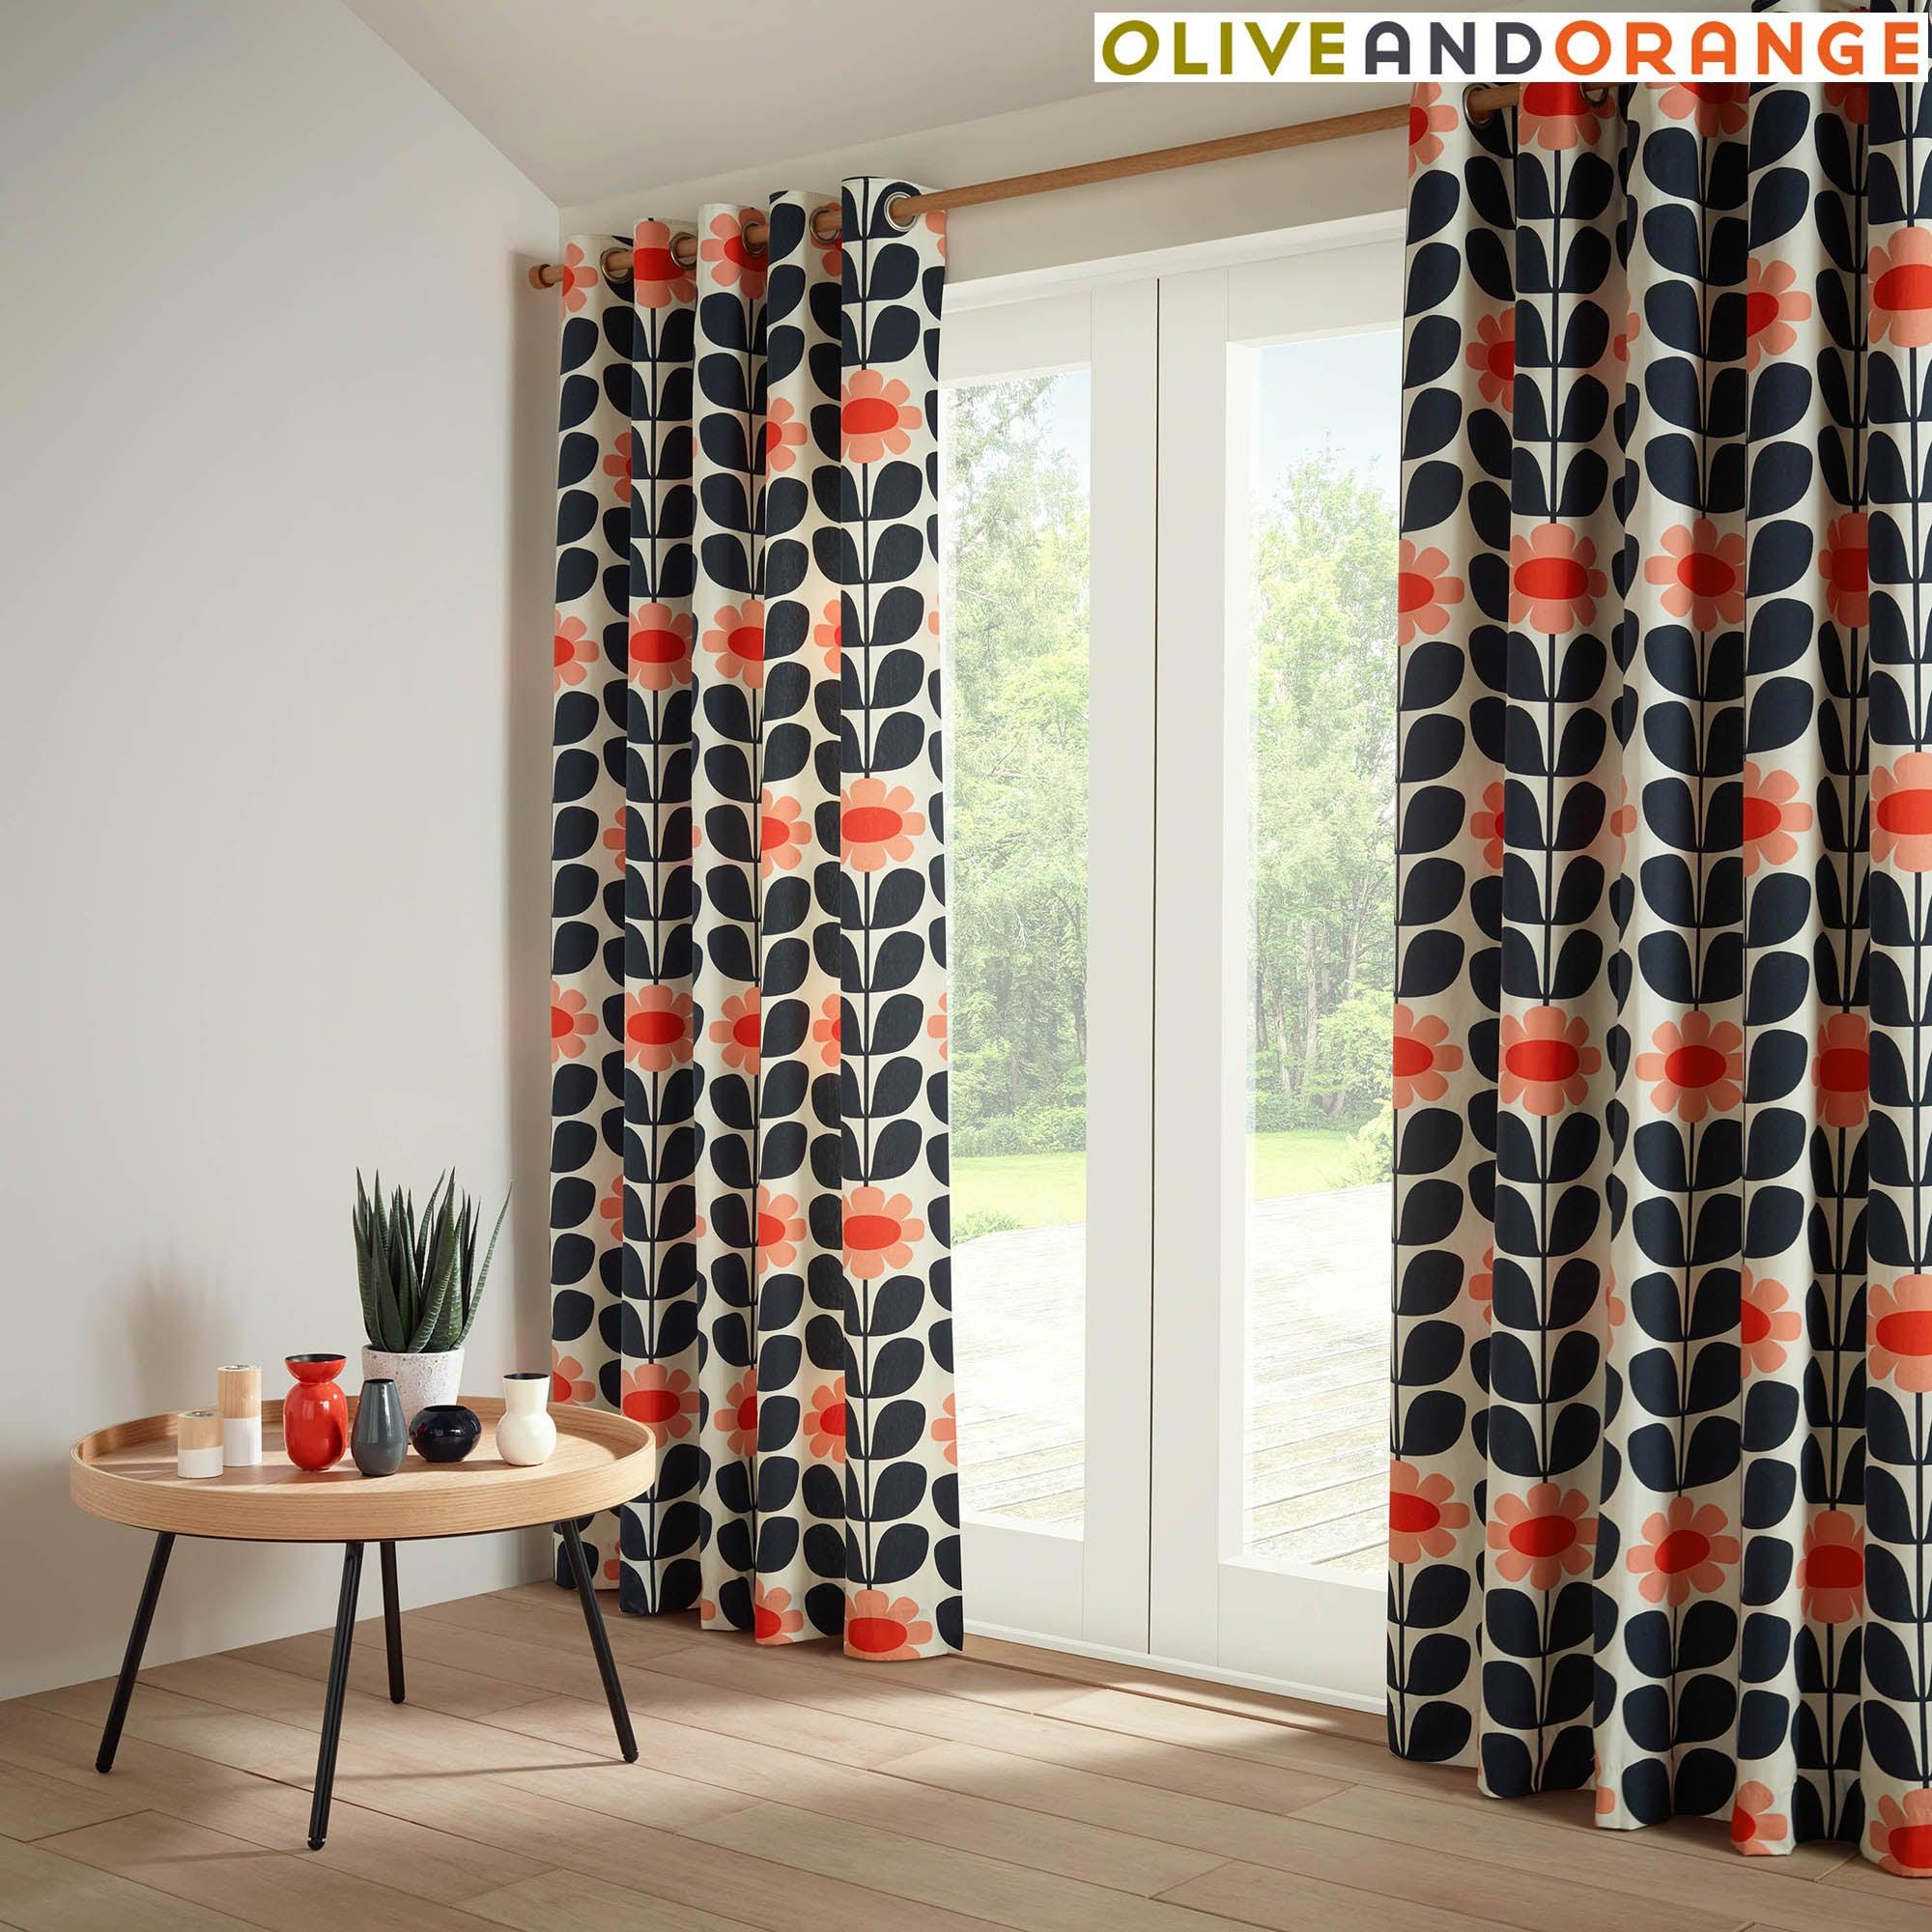 Image of Olive & Orange Tall Flower Blush Lined Eyelet Curtains Blush